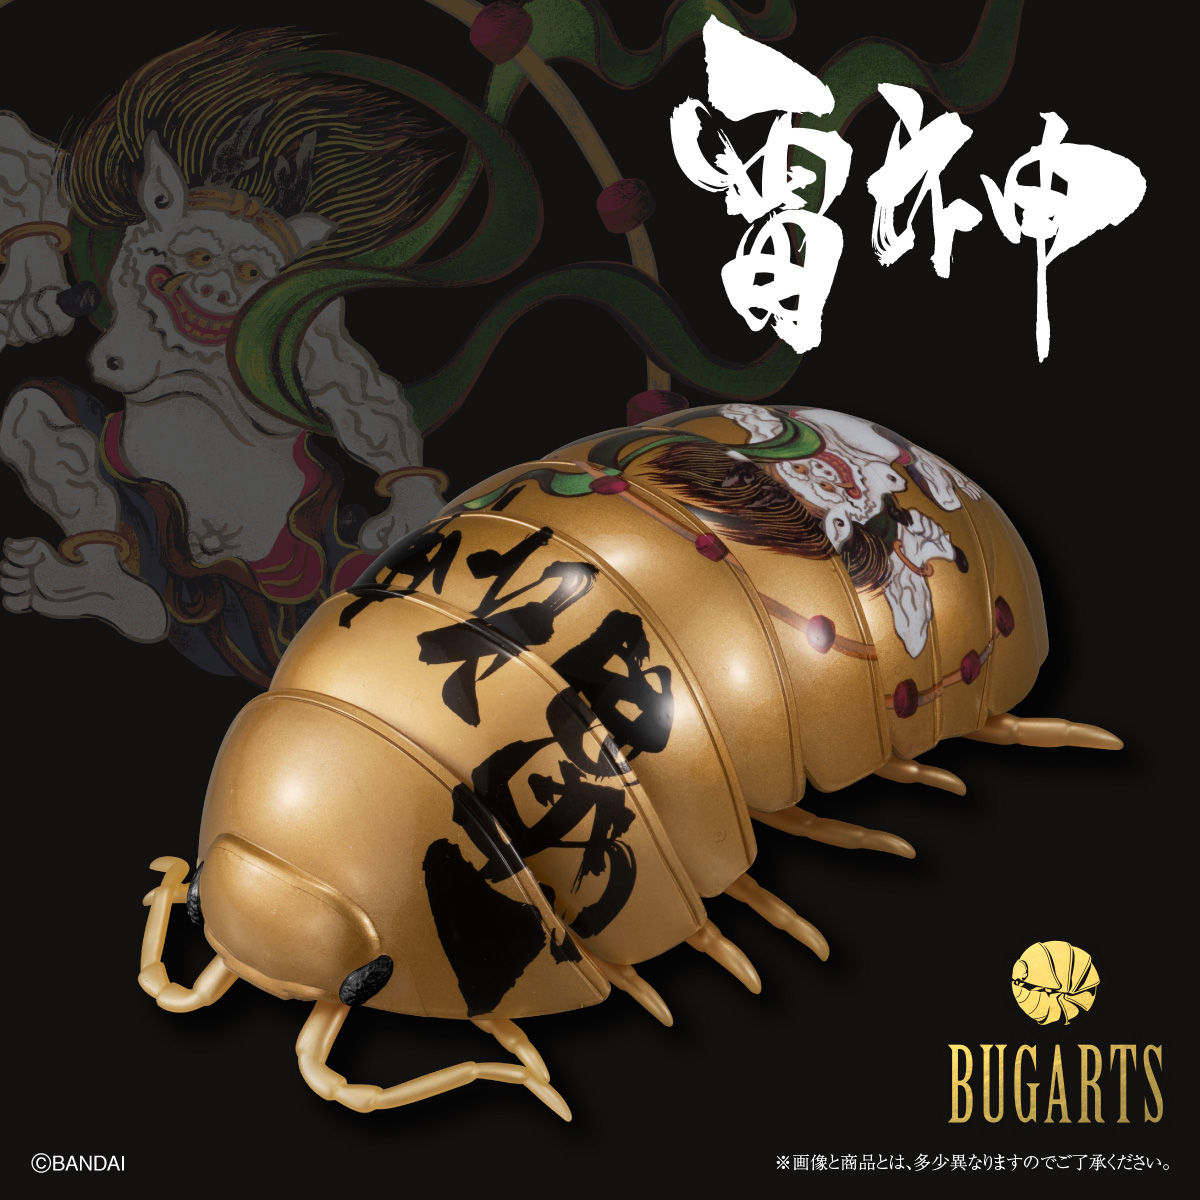 ガシャポン『BUGARTS 風神雷神図』可動フィギュア-002